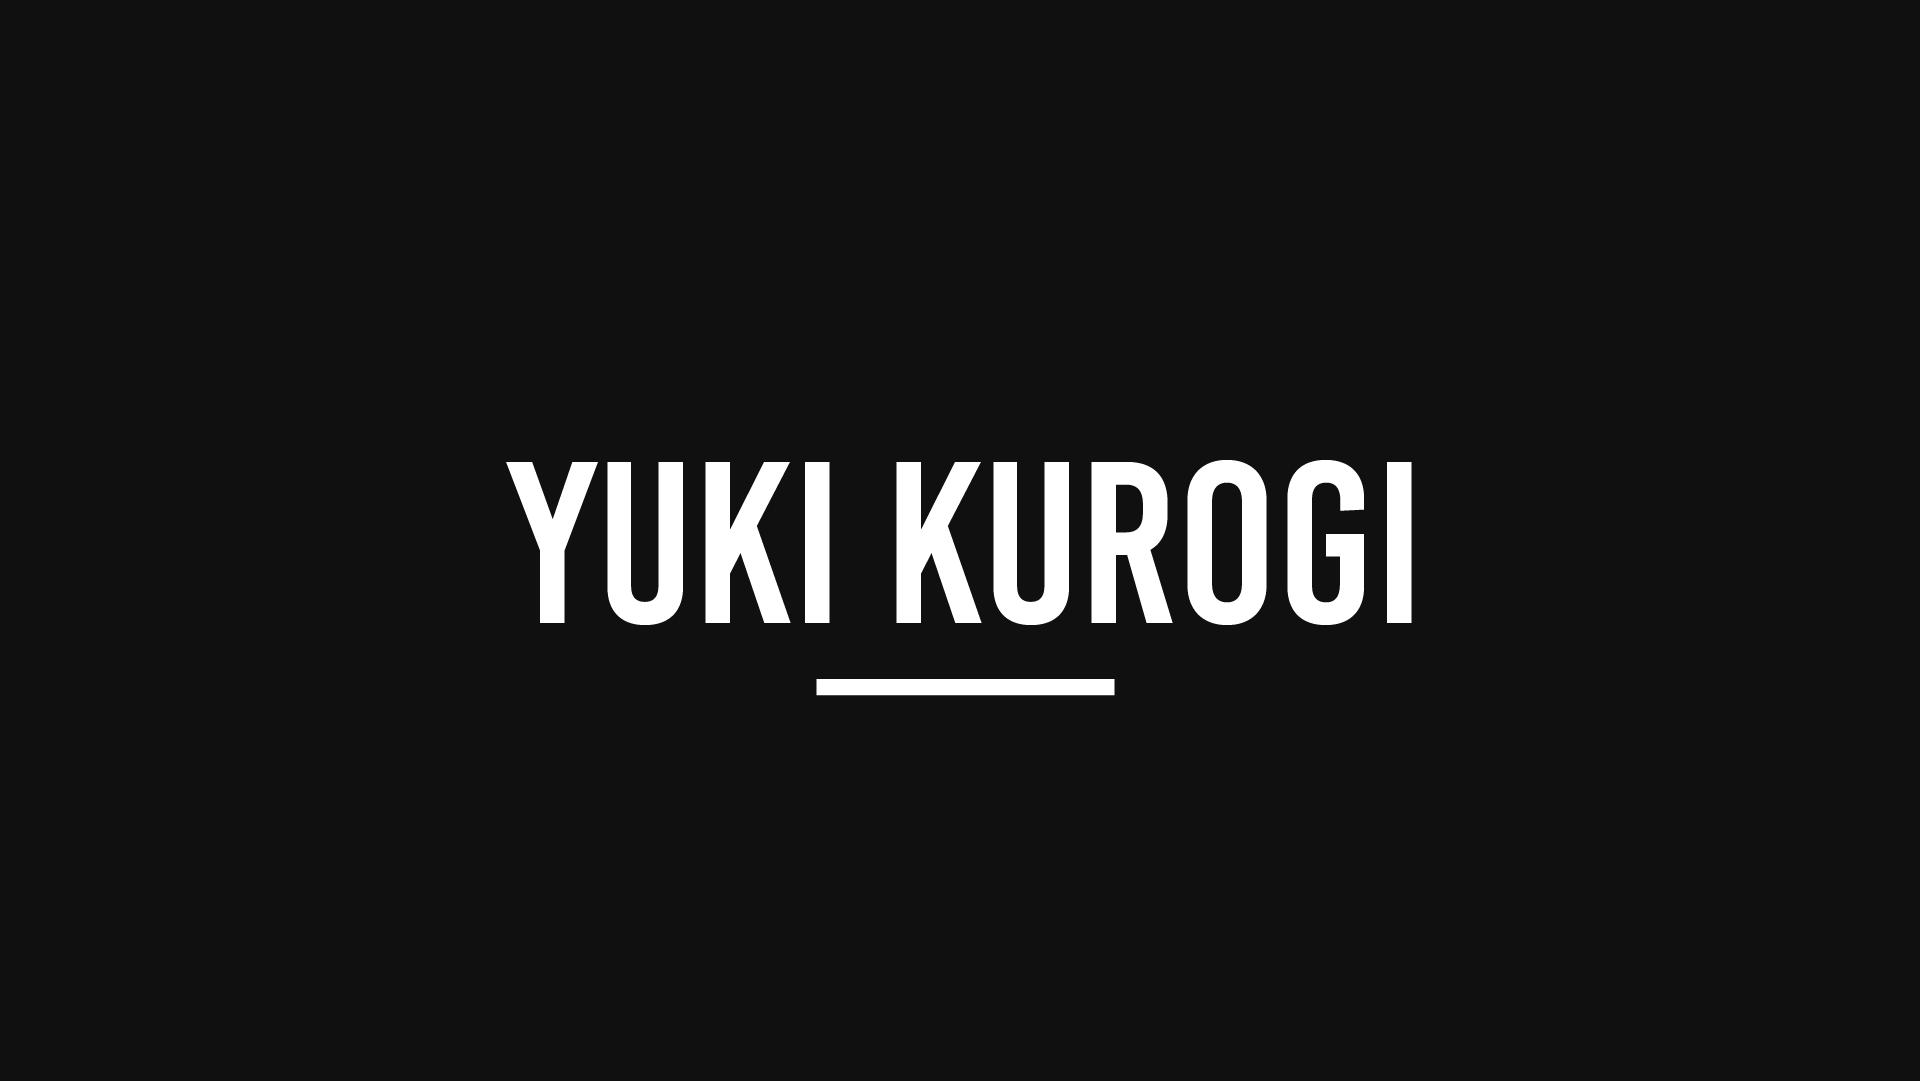 Yuku Kurogi